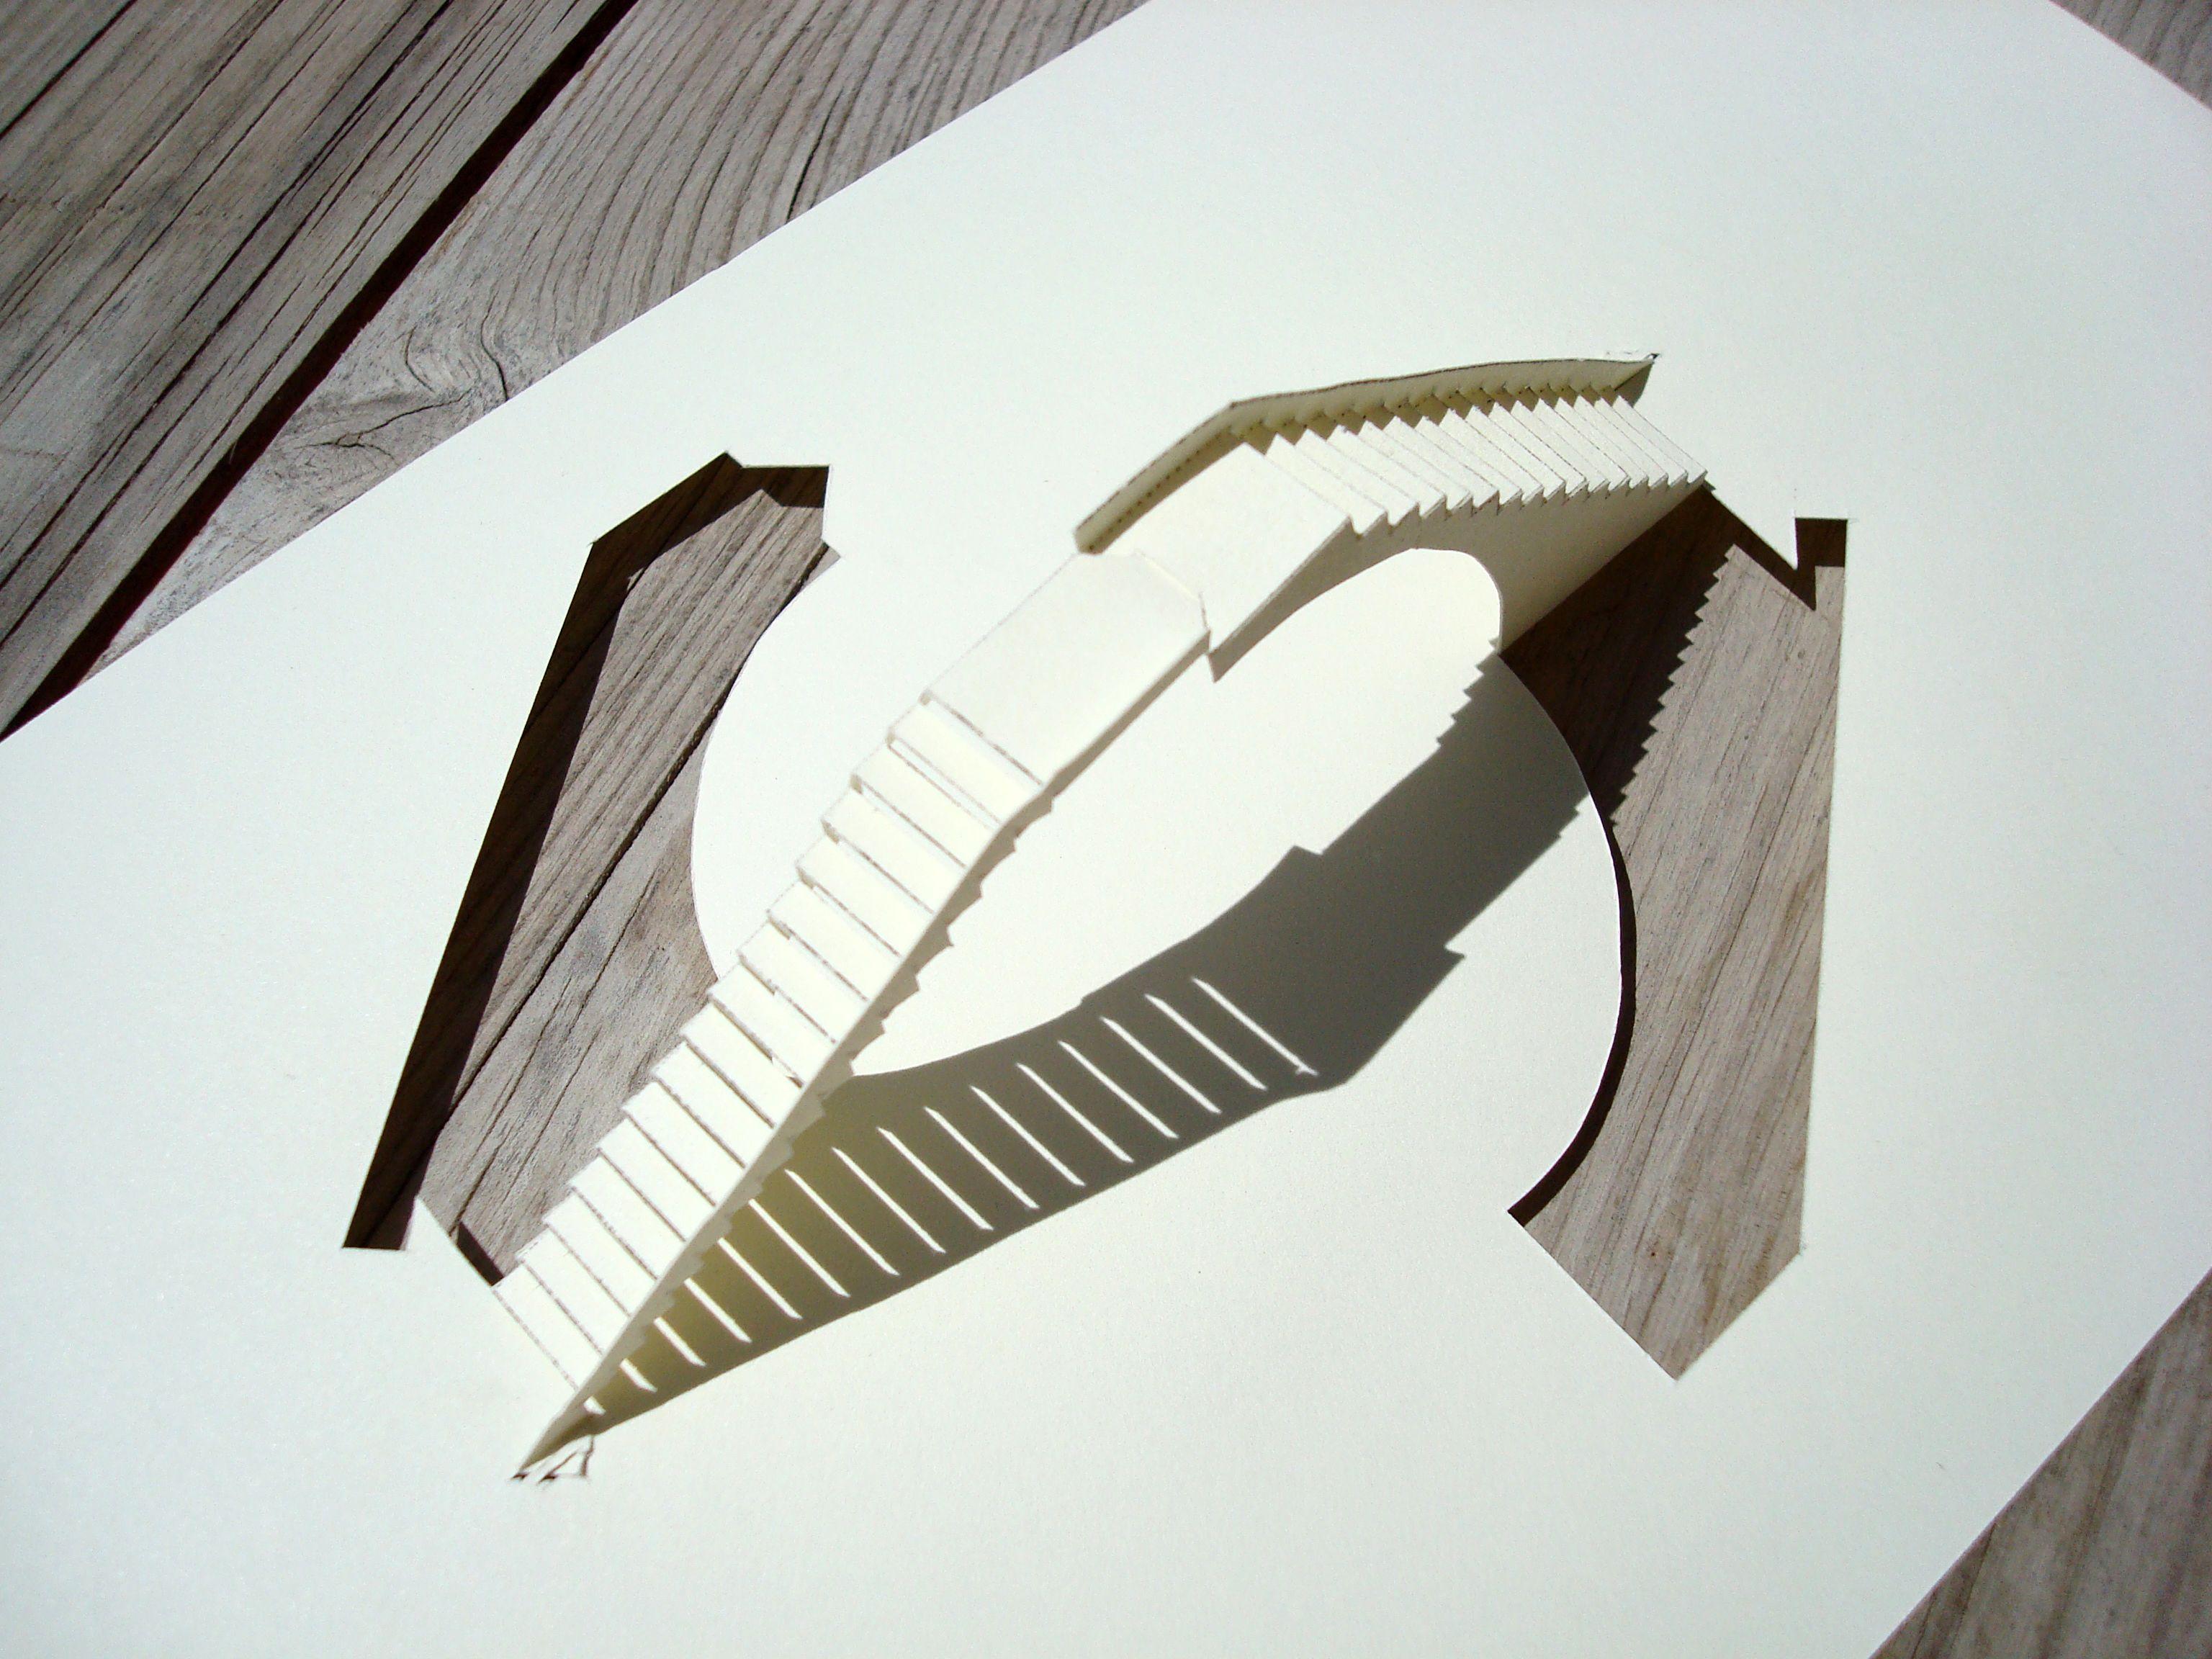 best 3d stairs on paper art wallpaper pencil 2d to 3d pinterest